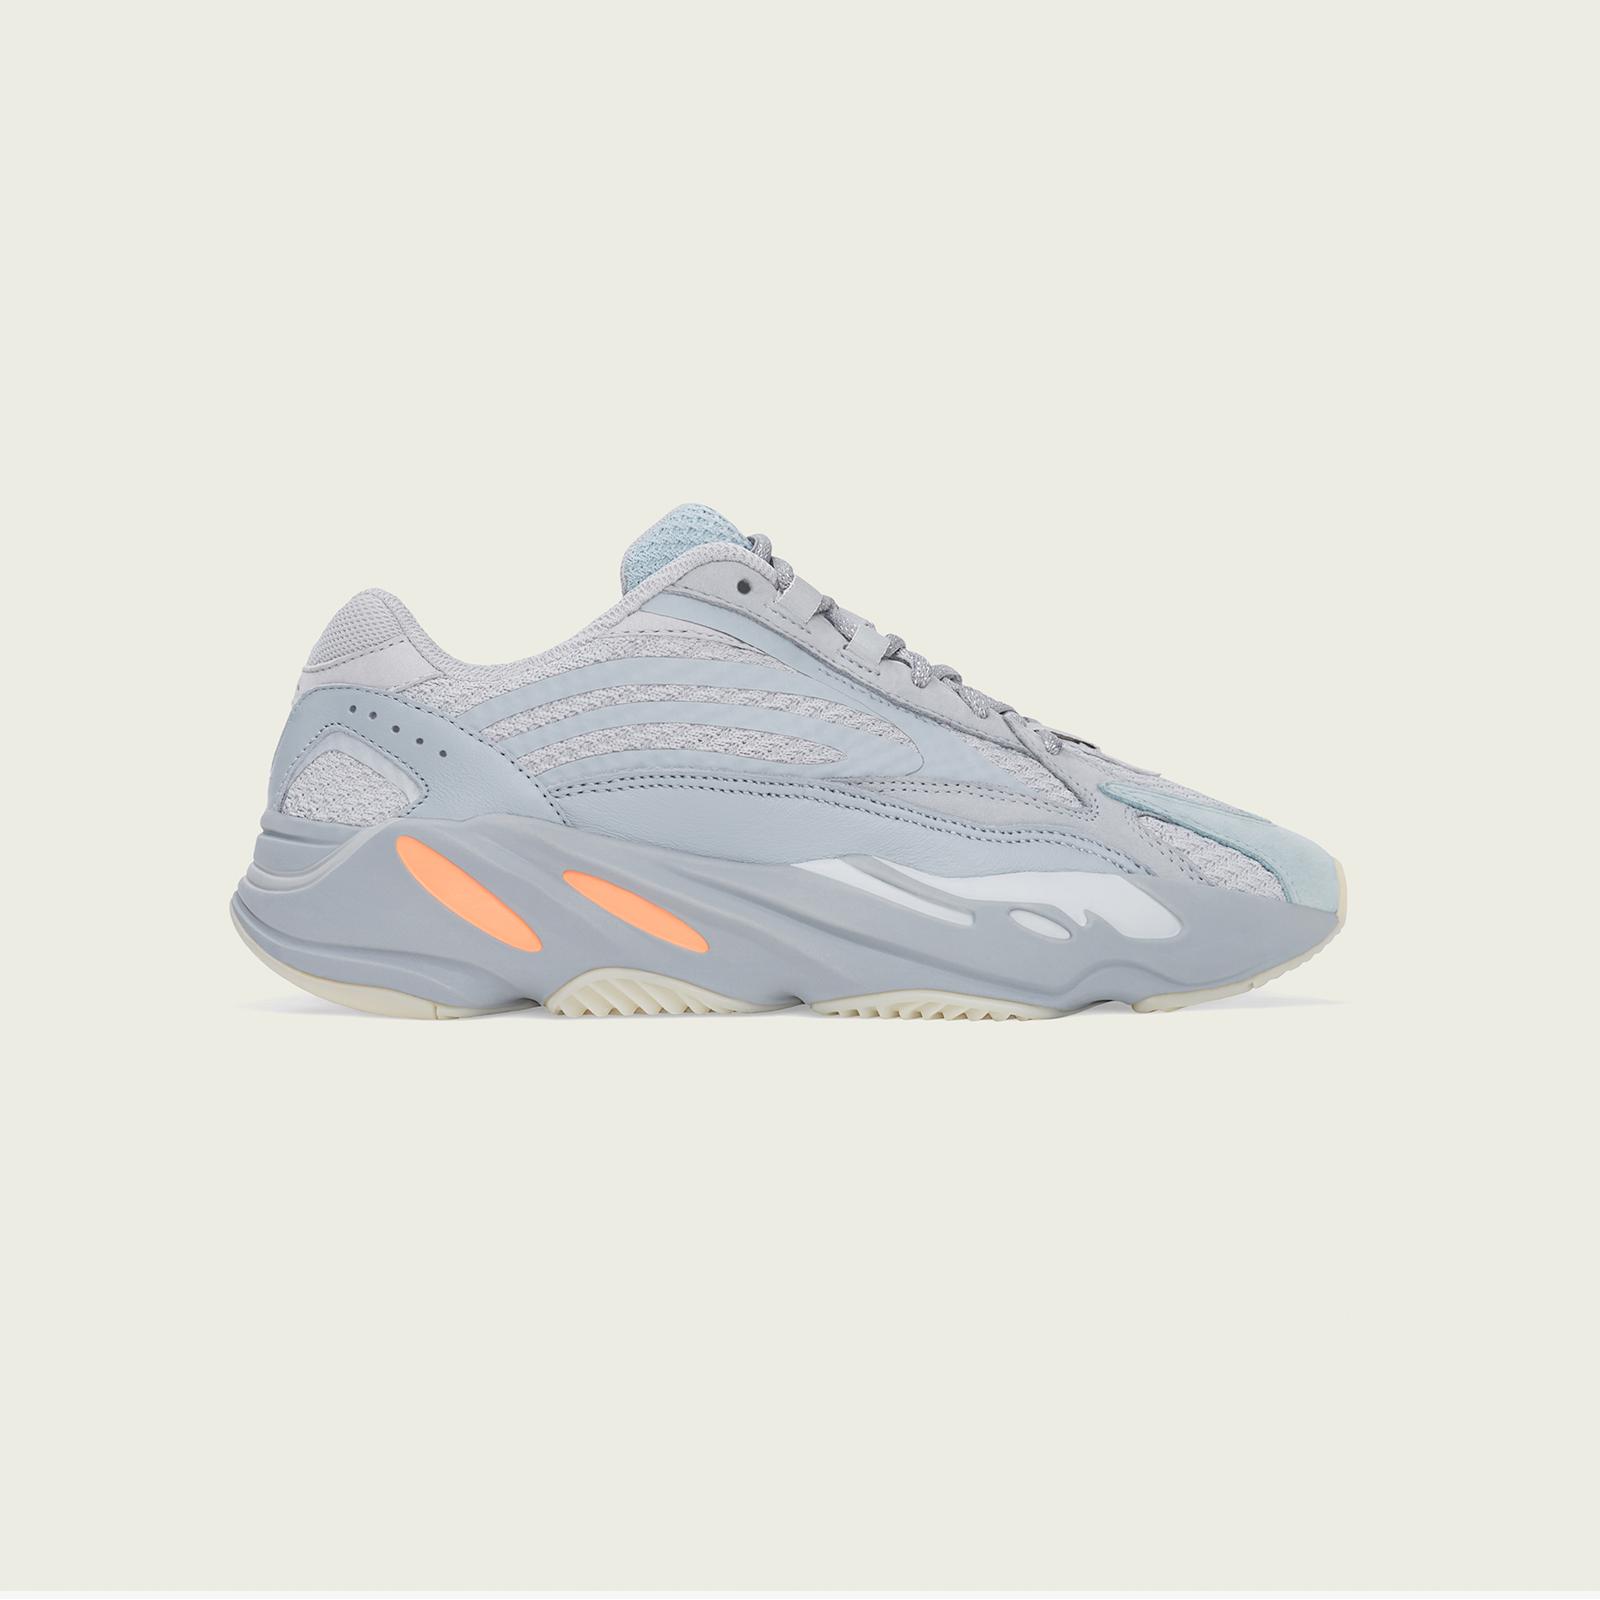 best service d3686 85d3d adidas Yeezy Boost 700 V2 - Fw2549 - Sneakersnstuff ...